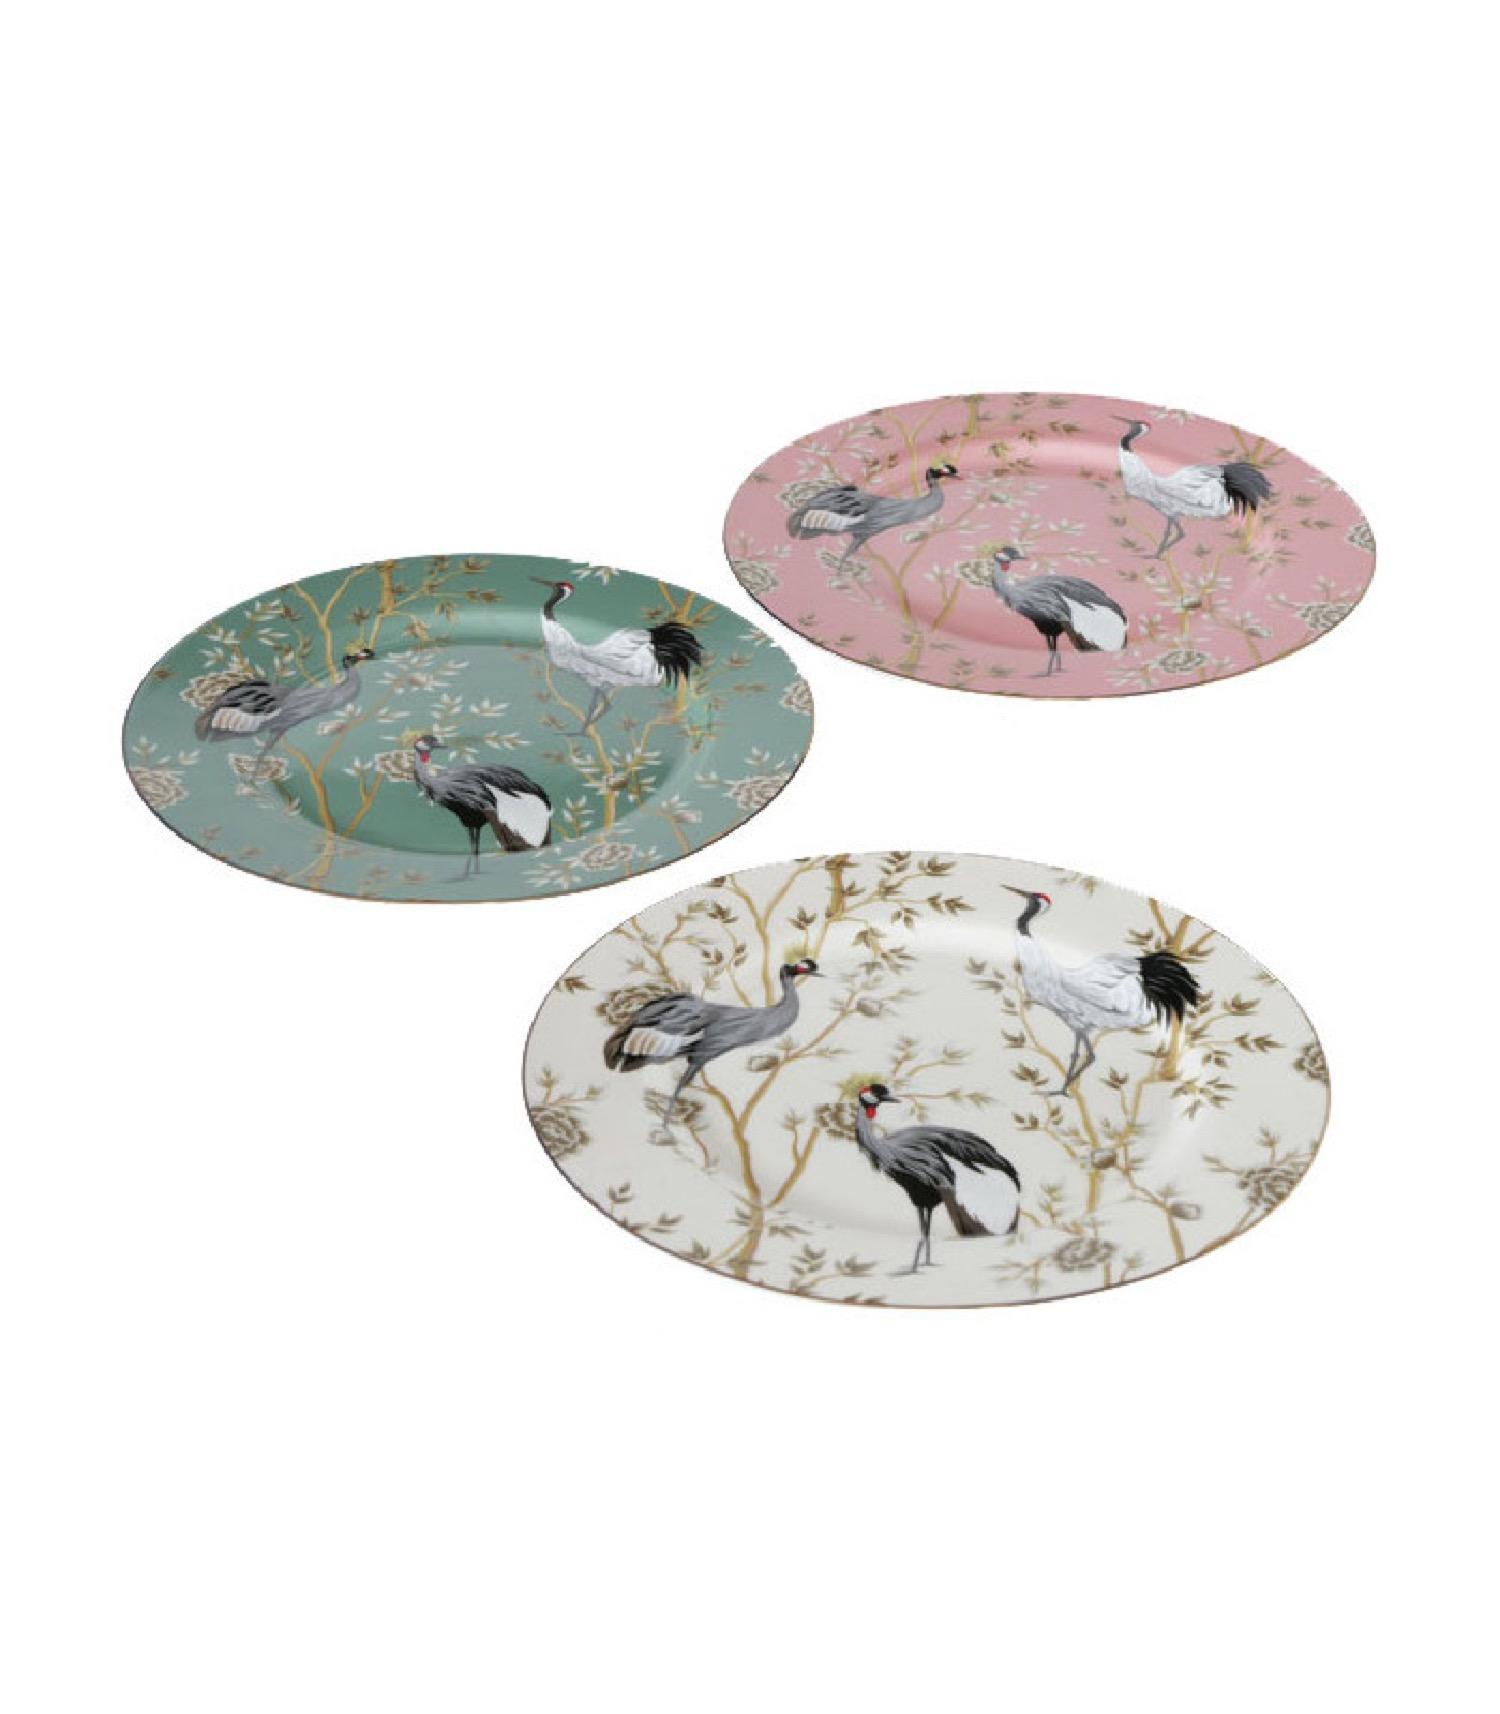 Set de 3 assiettes en céramique motifs fleurs et oiseaux D27cm